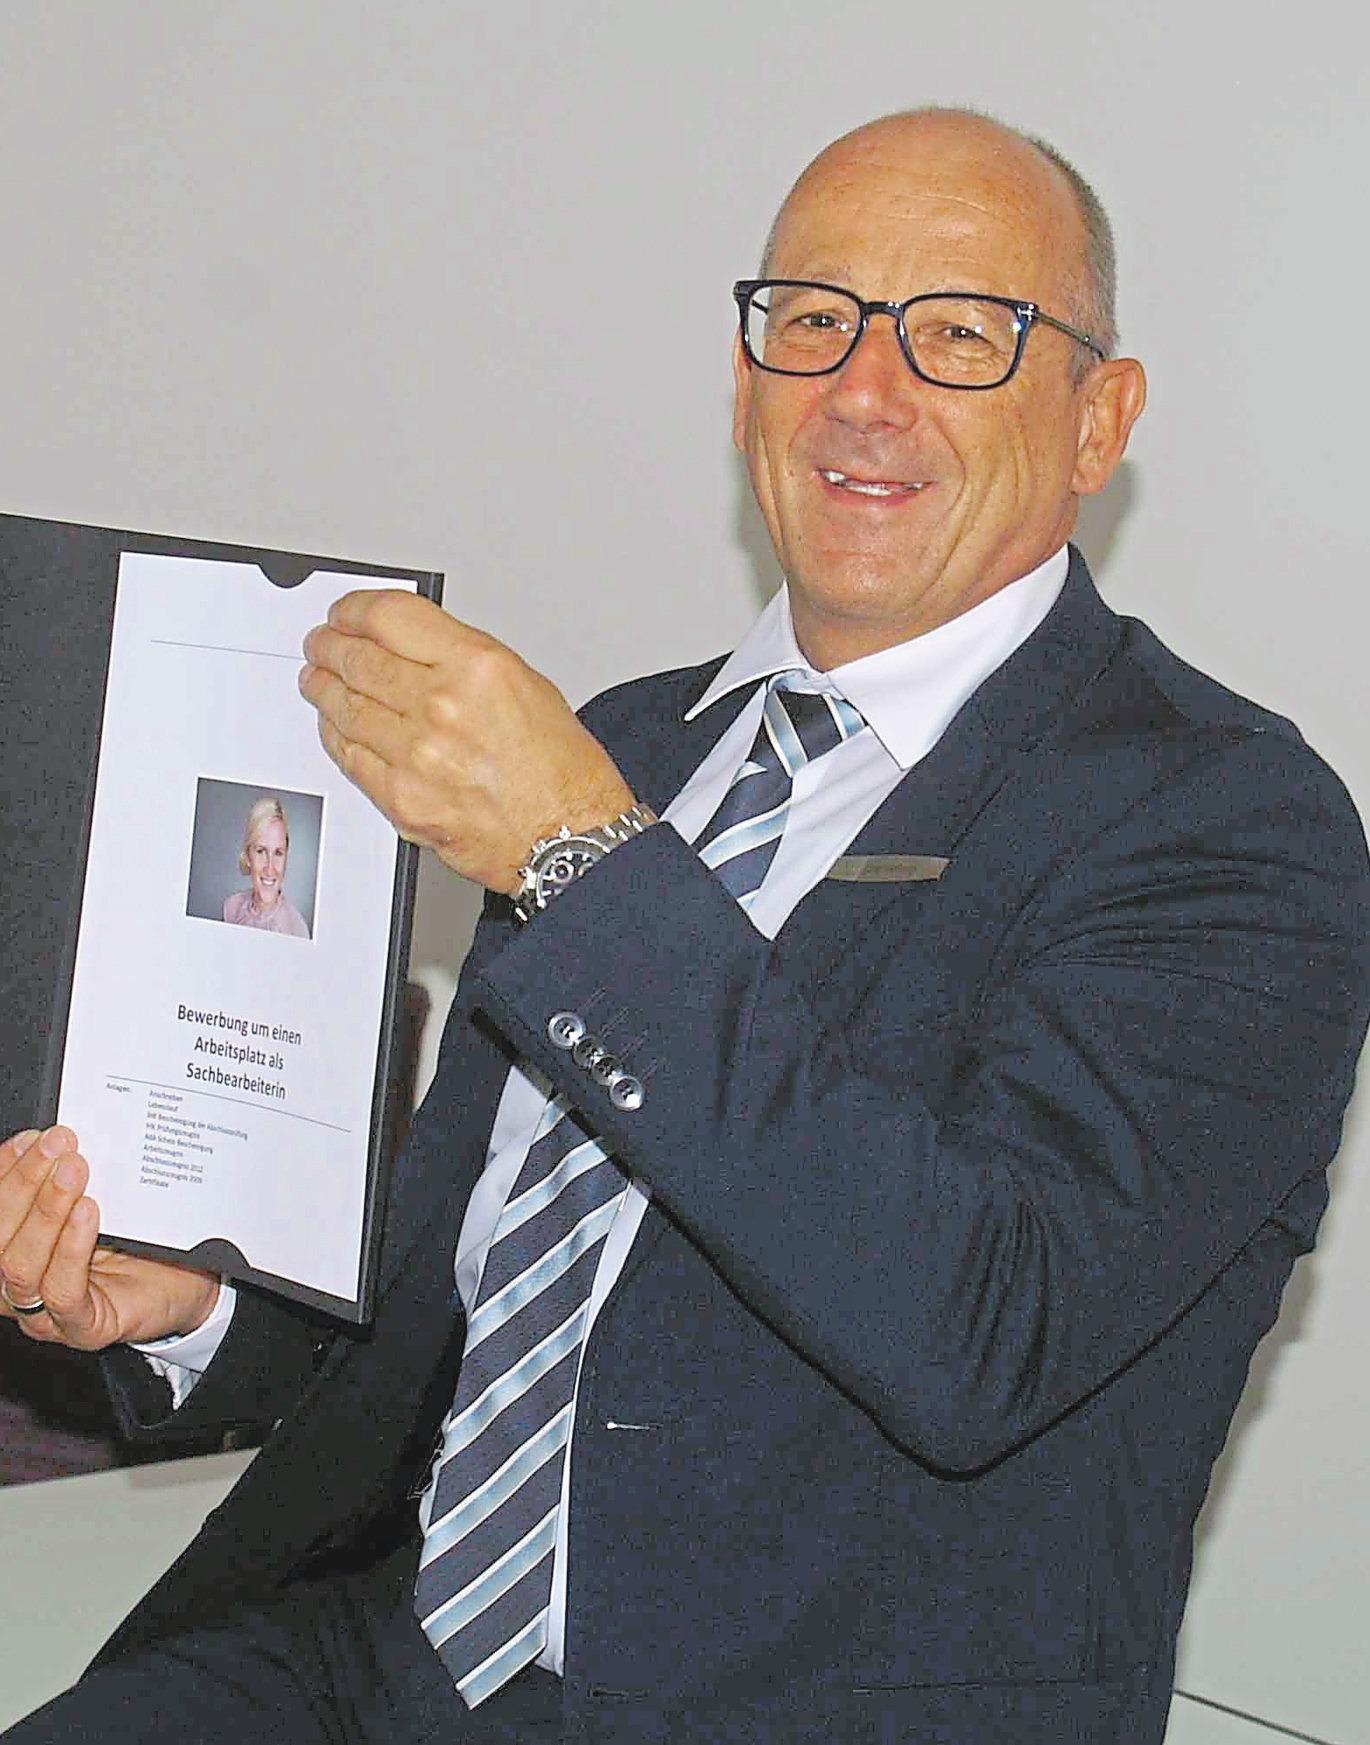 Jörg Hellwig kennt sich mit Bewerbungen aus. Foto: pes